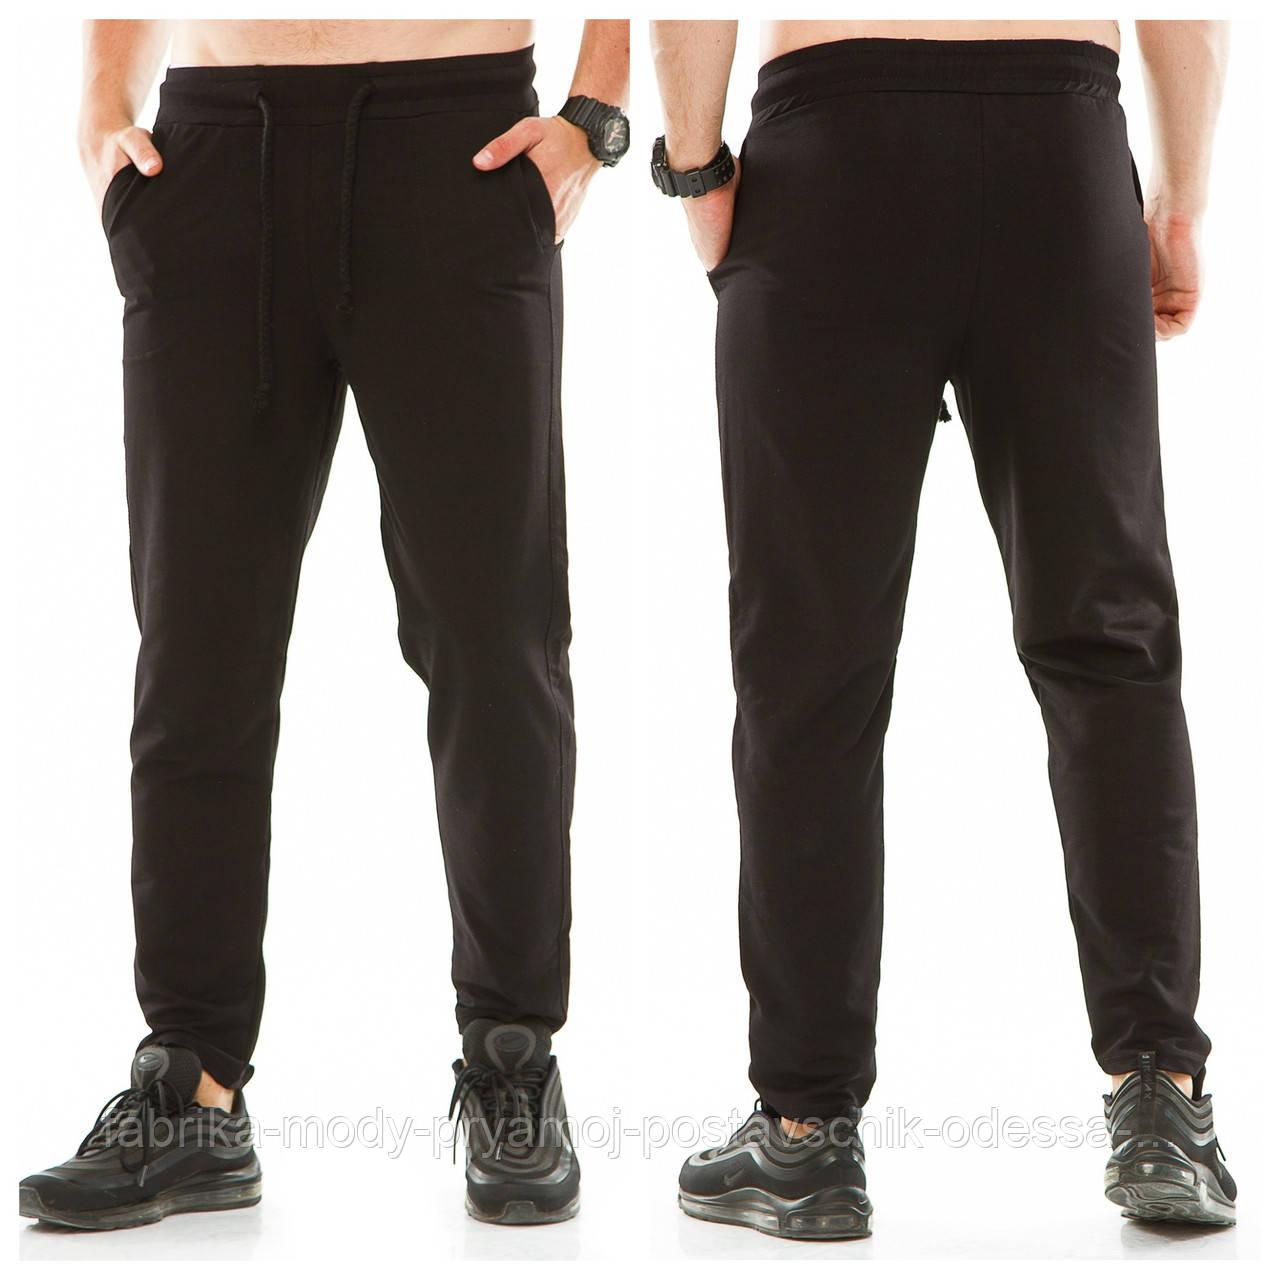 Мужские спортивные штаны р48-56  без манжета